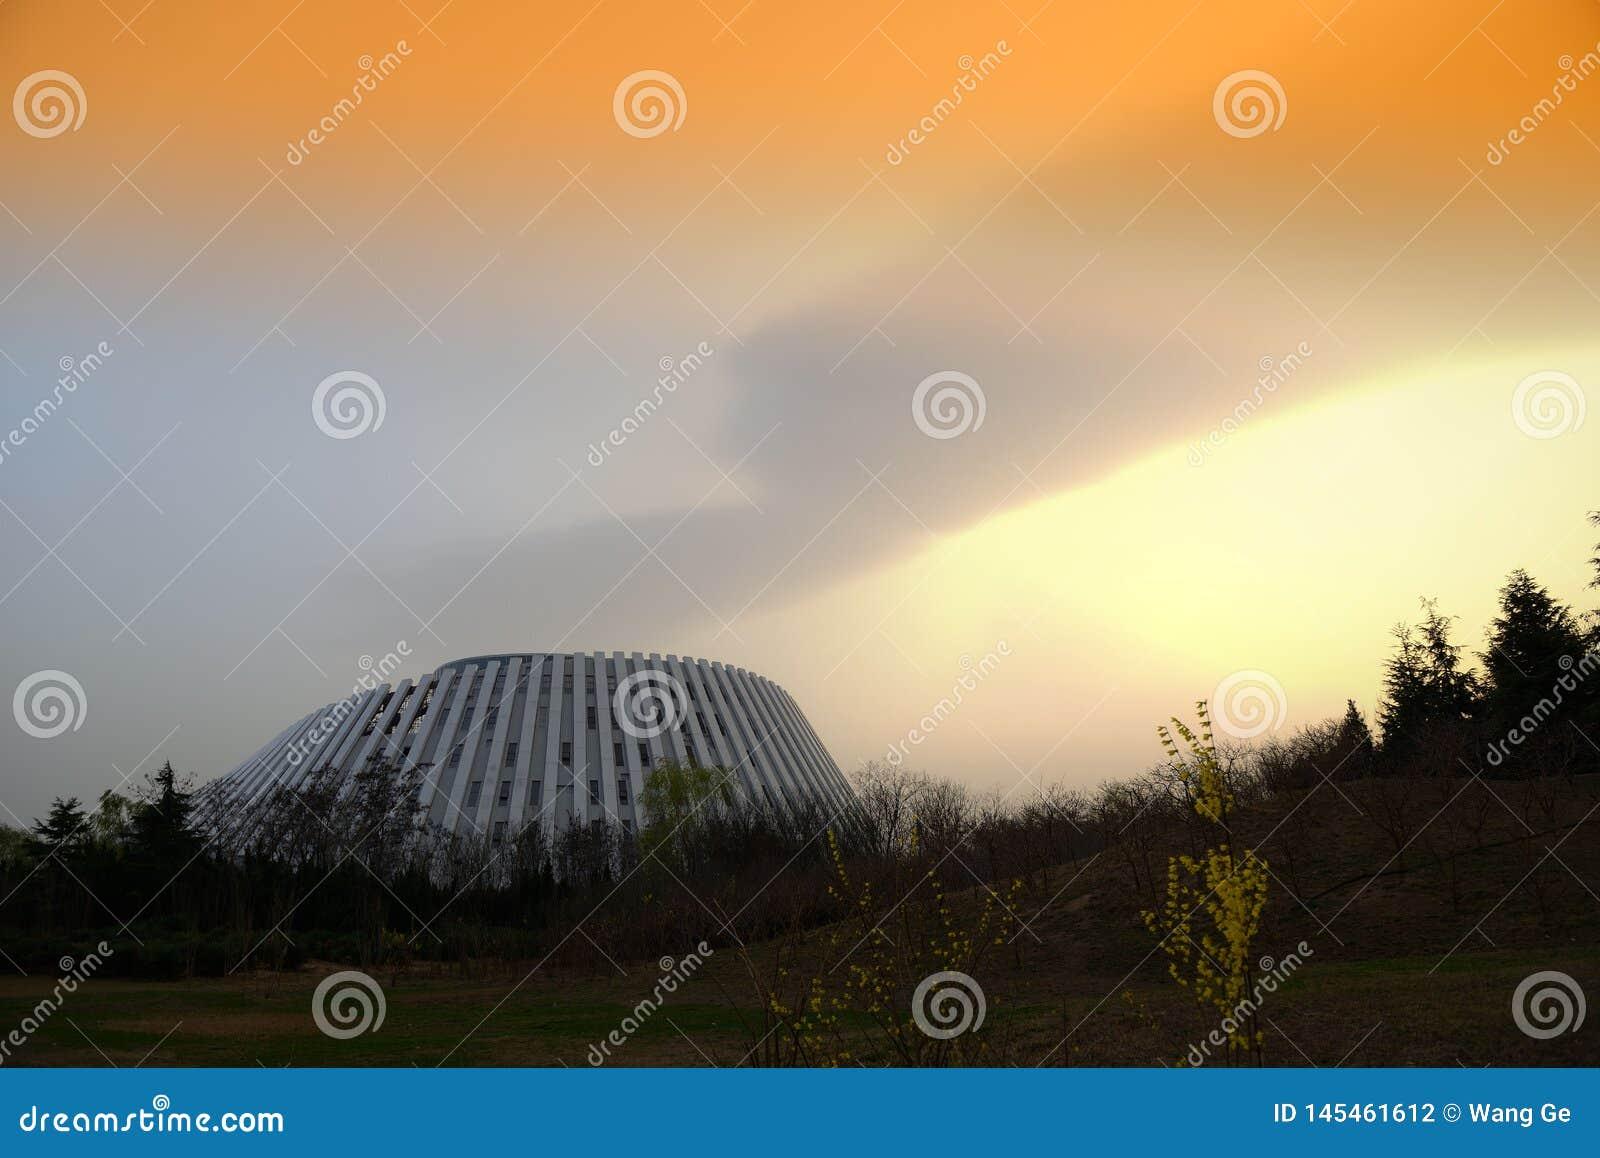 Lindy City Library en China en la puesta del sol